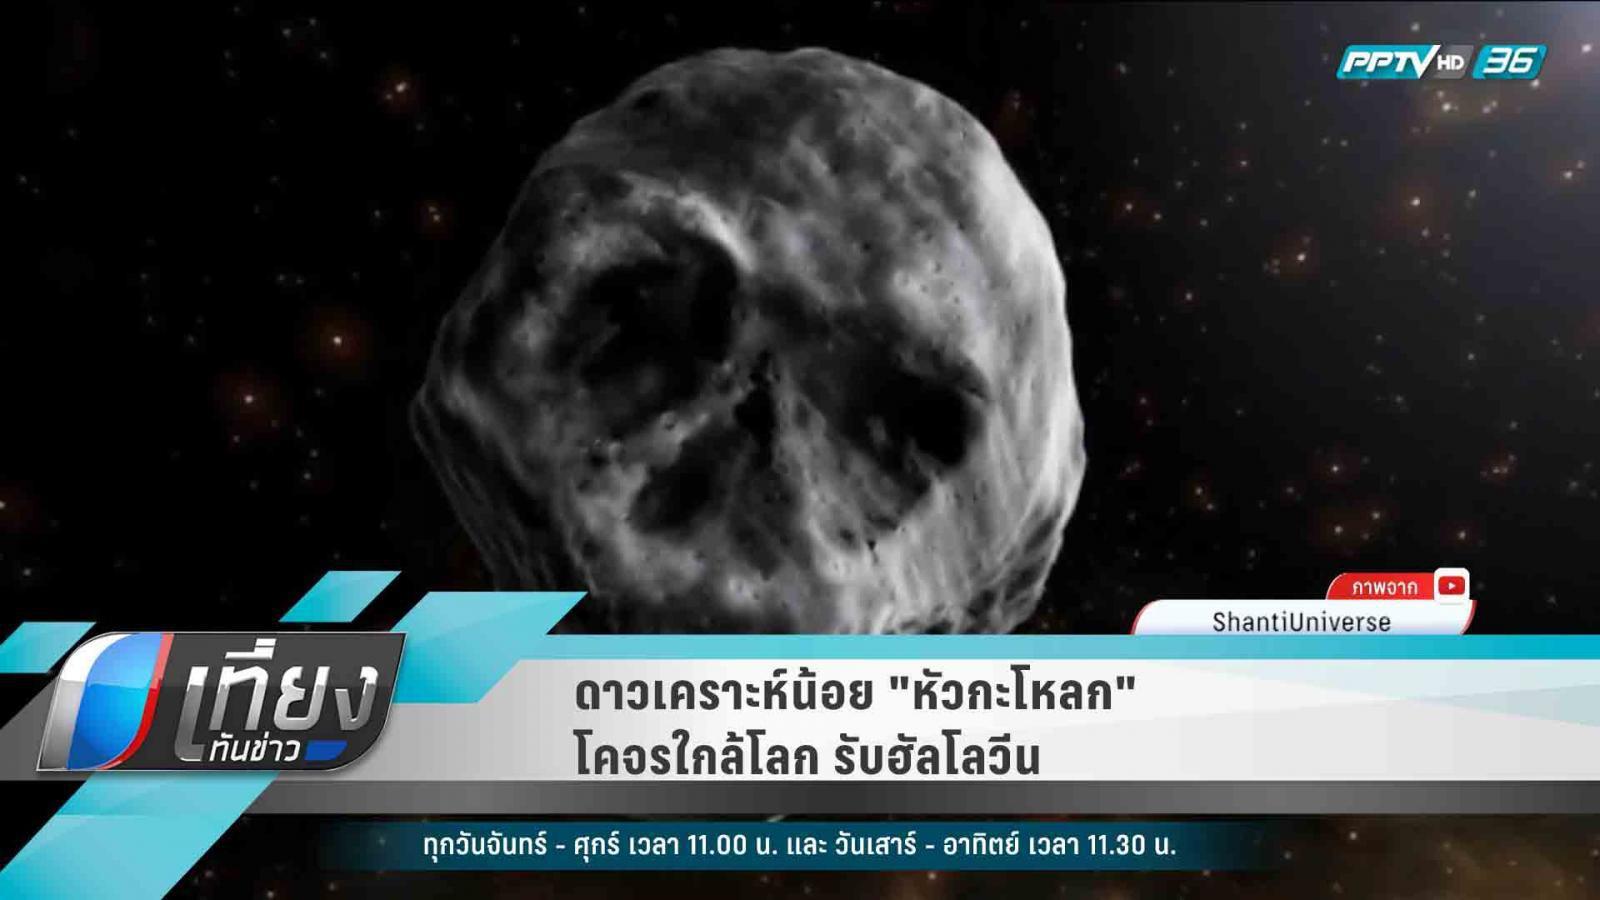 """ดาวเคราะห์น้อย """"หัวกะโหลก"""" โคจรใกล้โลก รับฮัลโลวีน"""